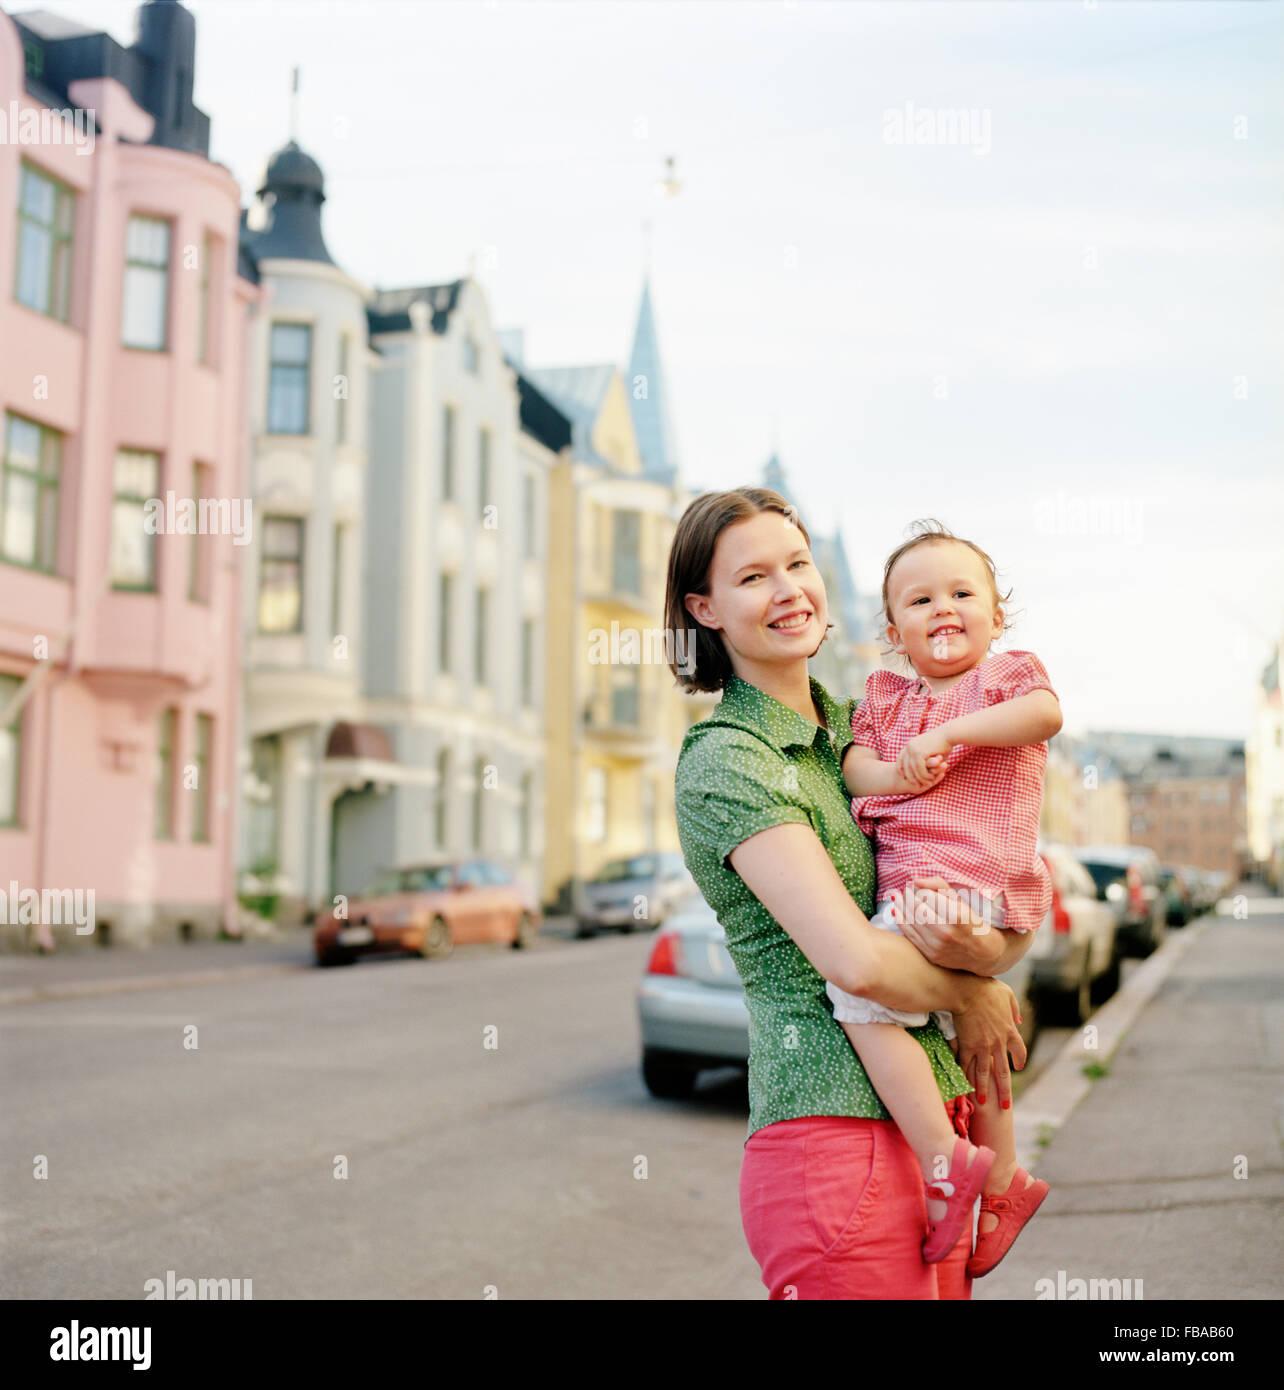 Finlandia, Uusimaa, Helsinki, Ritratto di madre figlia di contenimento (2-3) su strada Immagini Stock